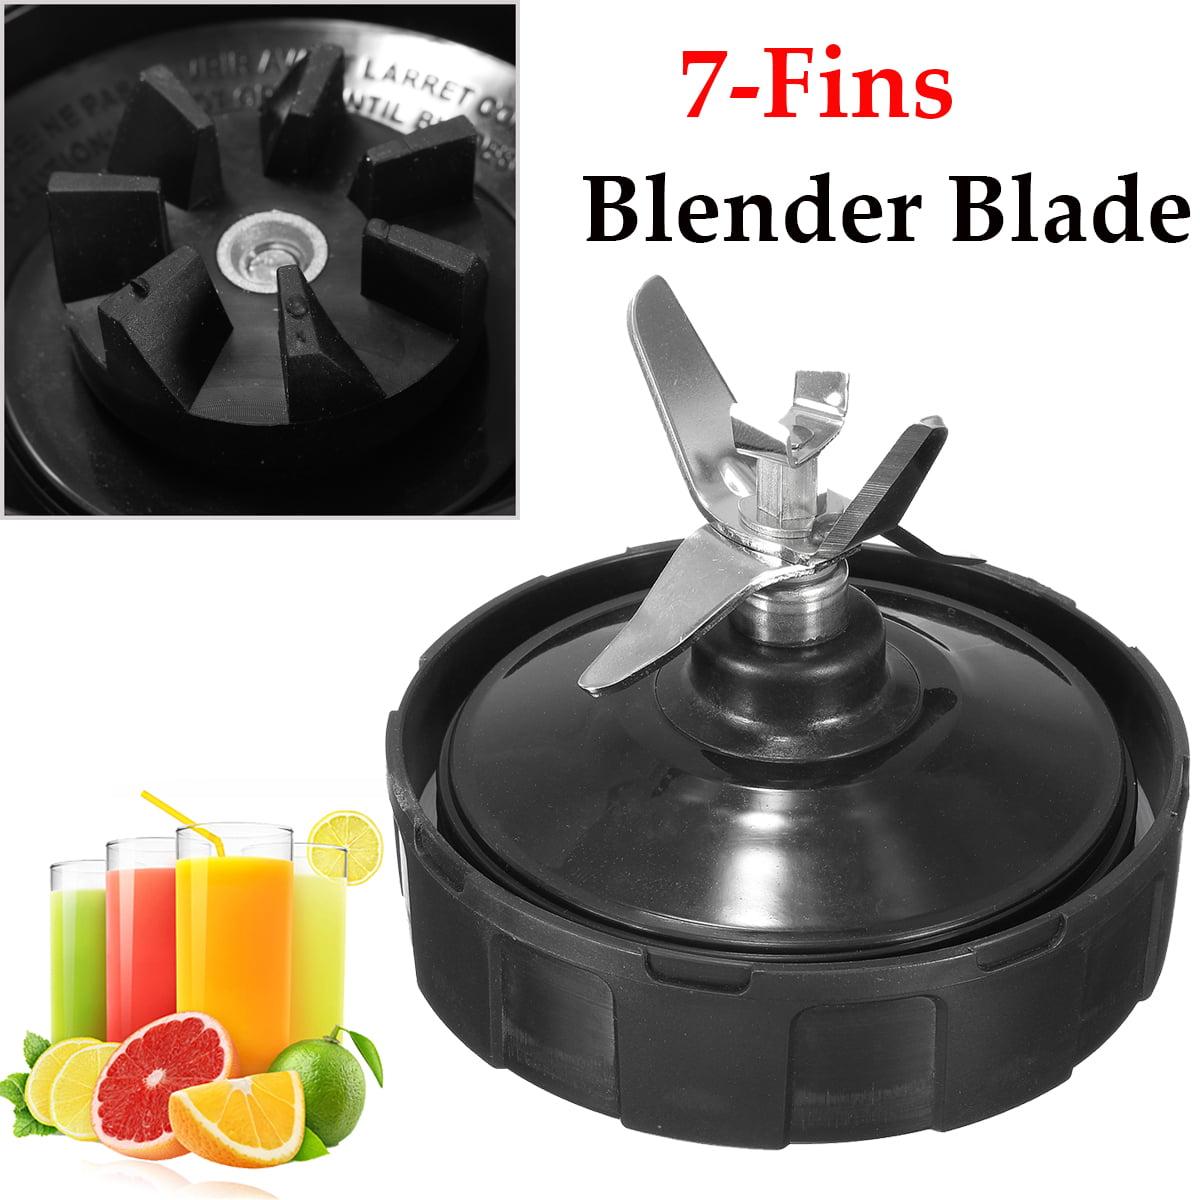 7 Fin Blade 103mm For NUTRI NINJA Blender Juicer Extractor BL487, BL488W, BL490, BL491, BL492, BL492W & BL486